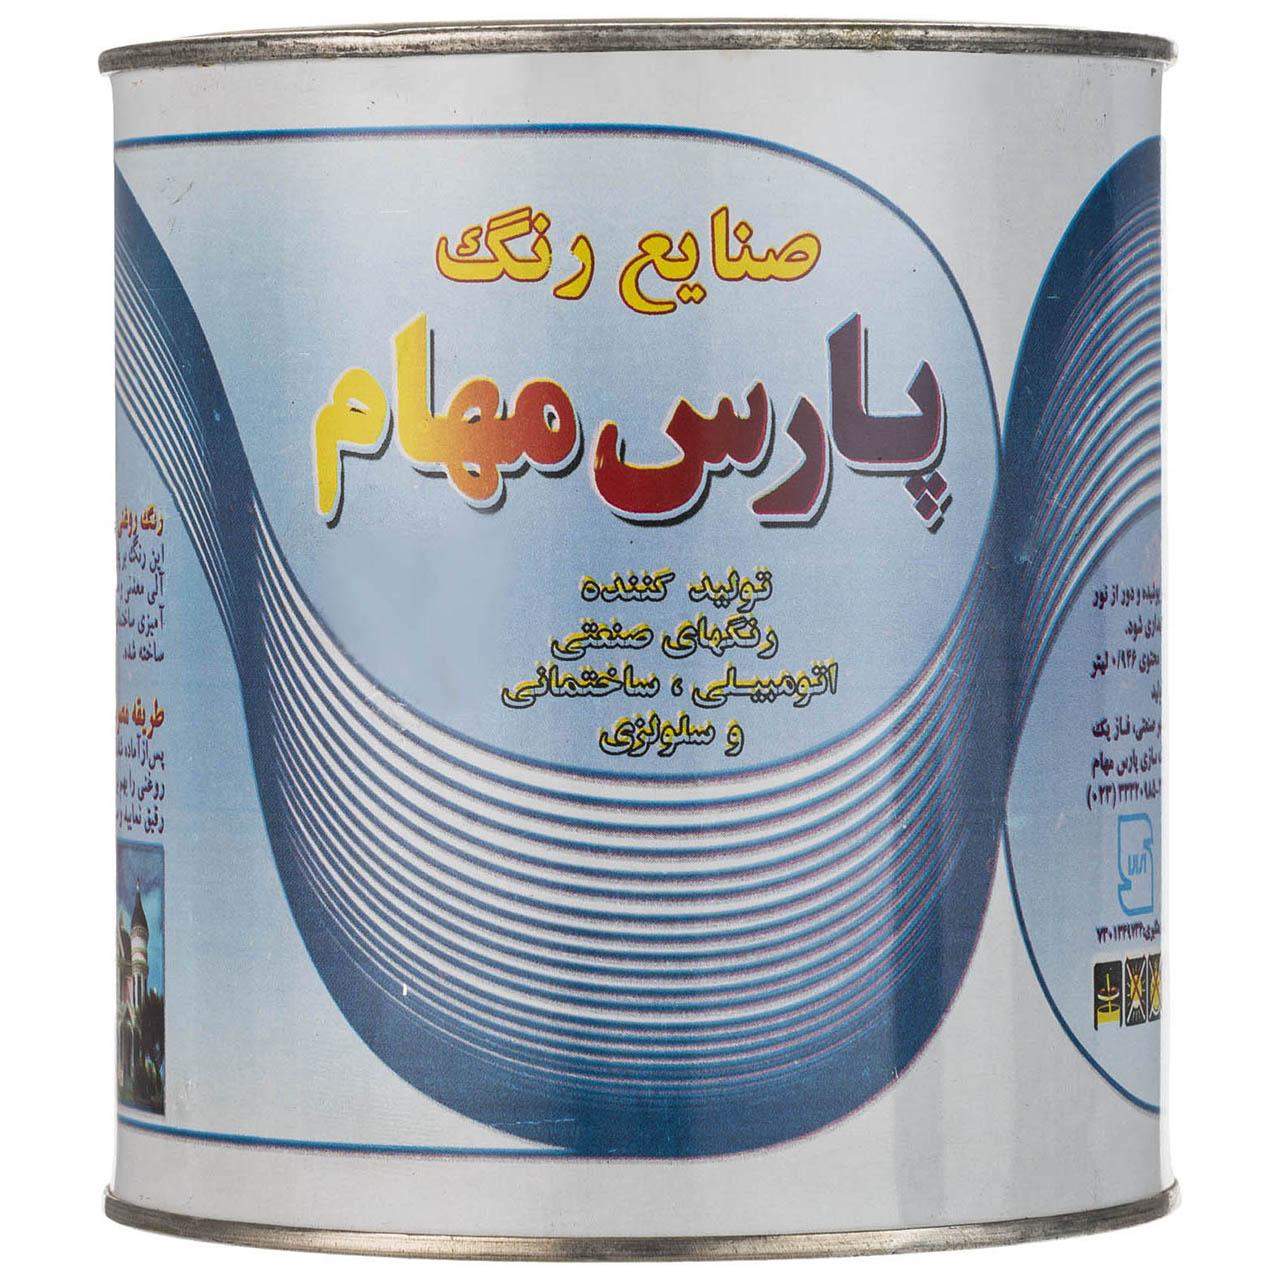 قیمت قوطی رنگ زرد لیمویی پارس مهام کد 756 حجم 946 میلی لیتر